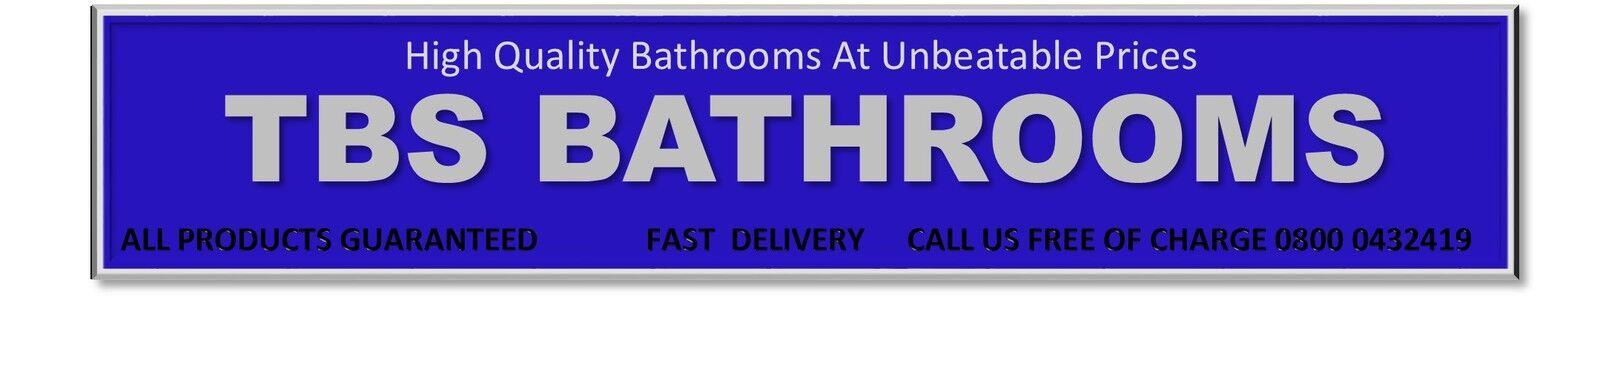 TBS-Bathrooms